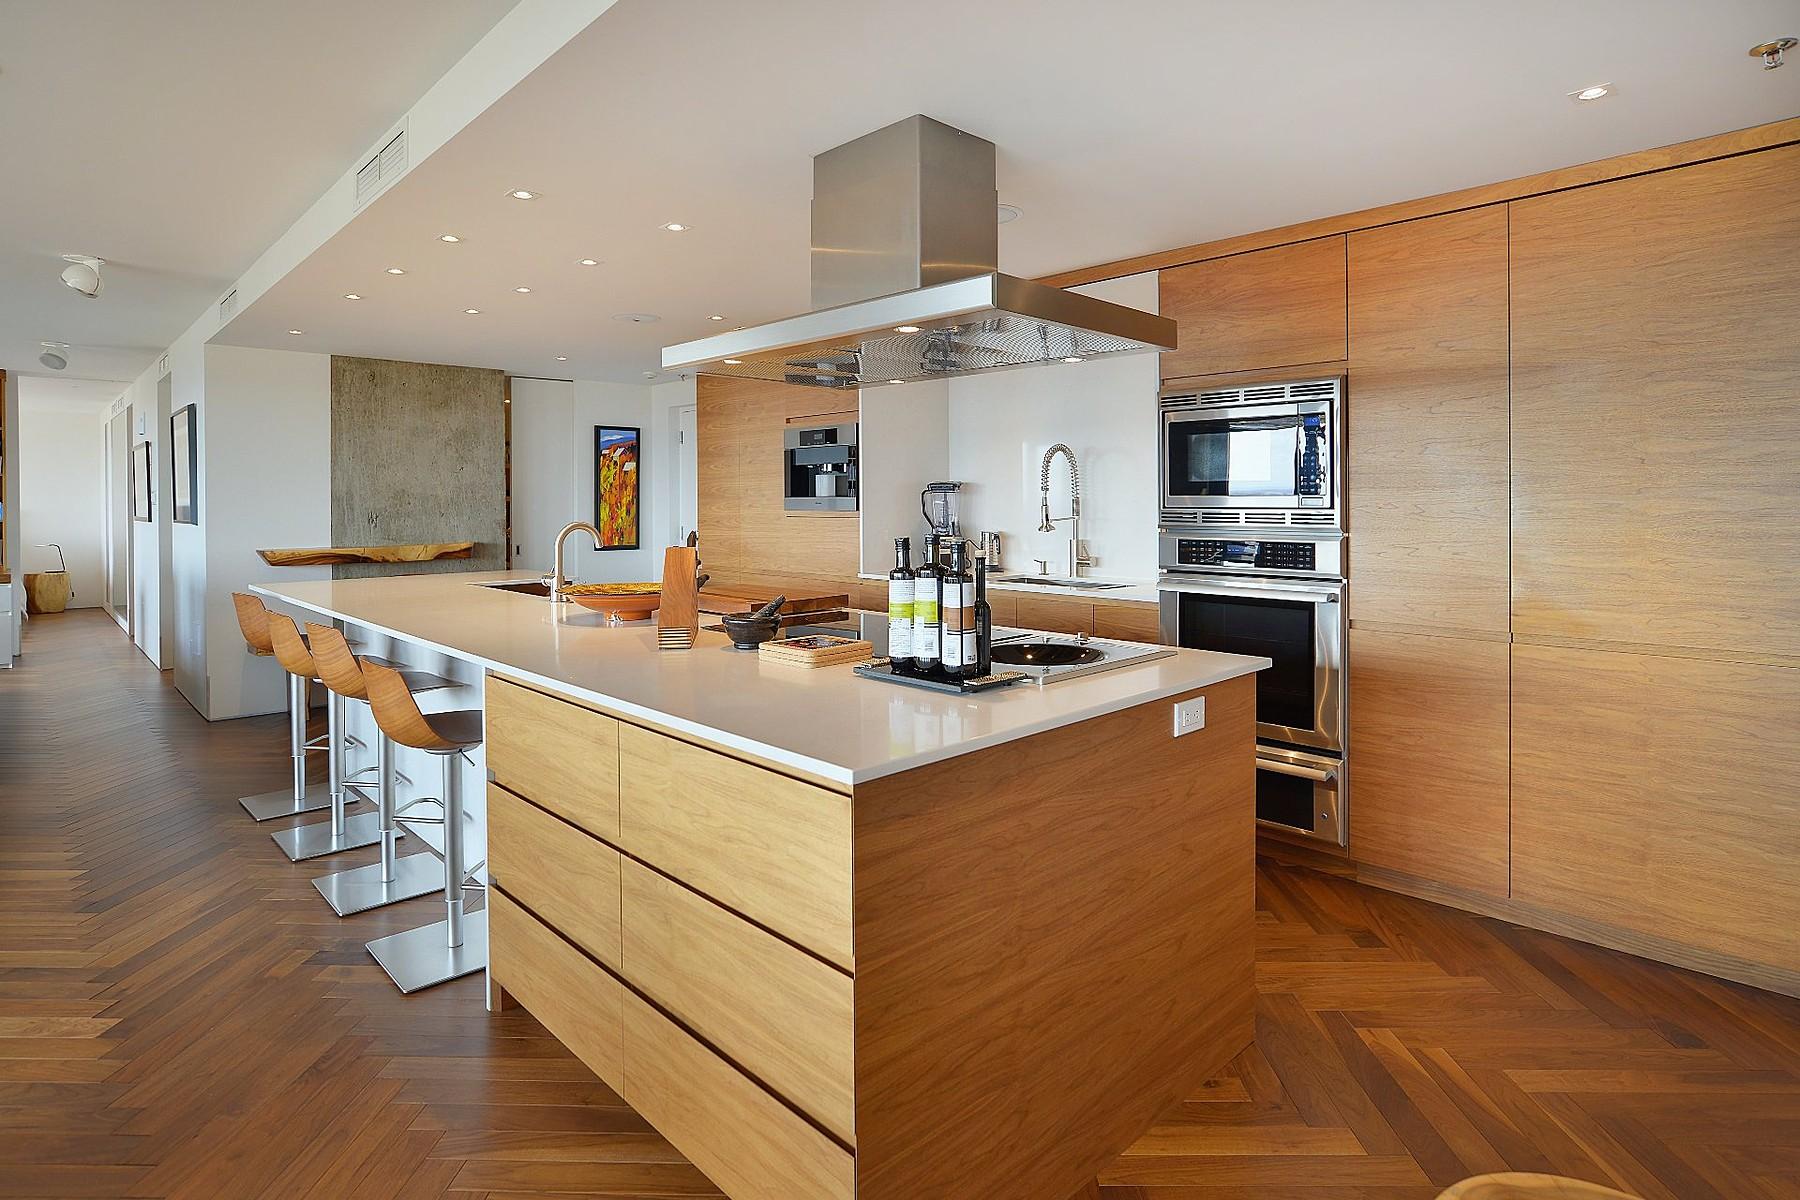 Condominiums for Sale at La Cité, Capitale-Nationale 600 Av. Wilfrid-Laurier, Apt. 701 Quebec, Quebec G1R2L5 Canada